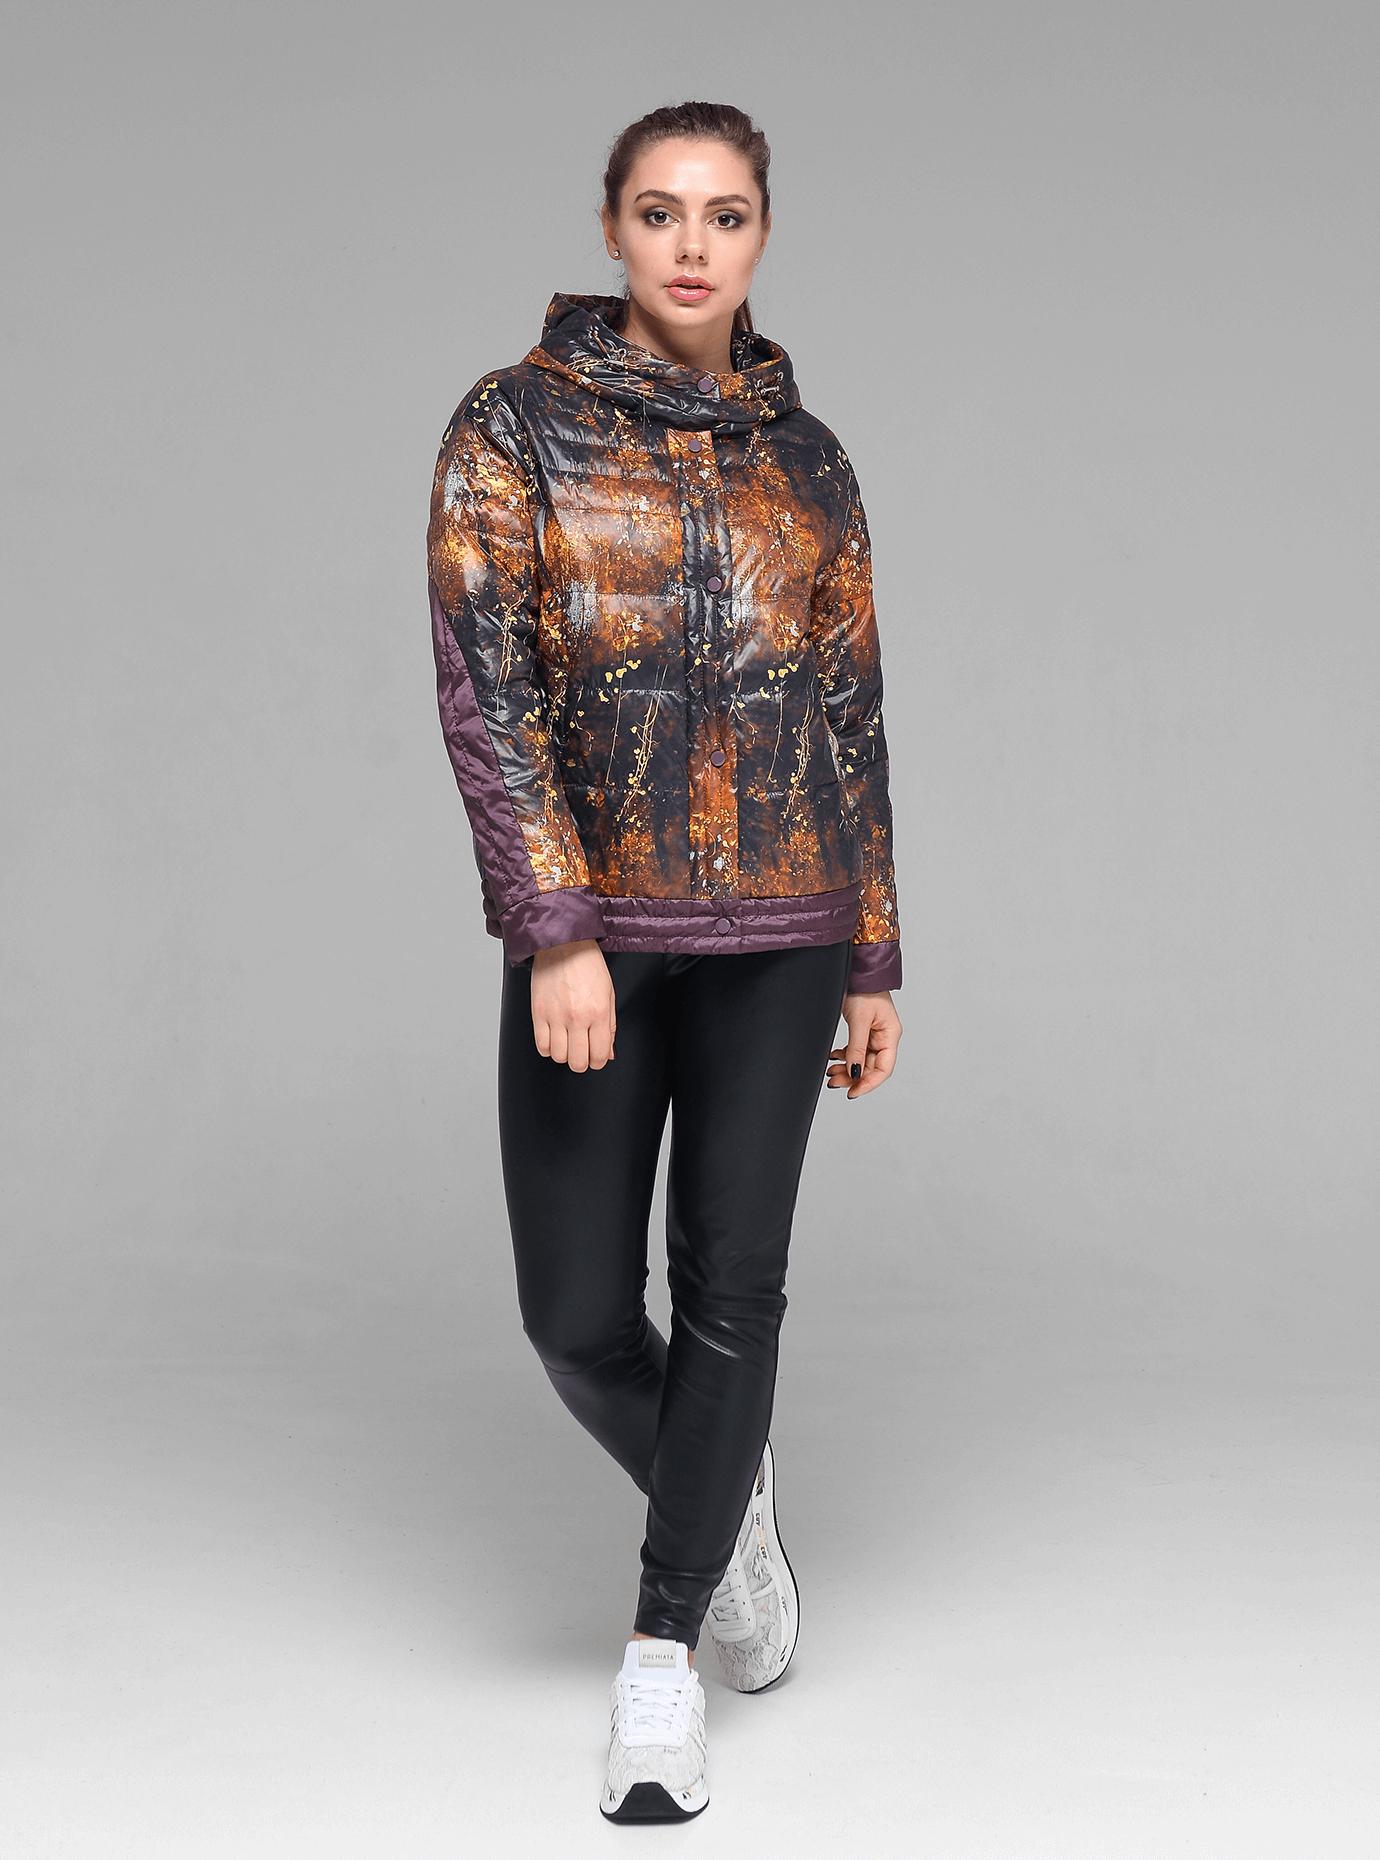 Куртка демисезонная женская Сливовый M (02-D190125): фото - Alster.ua